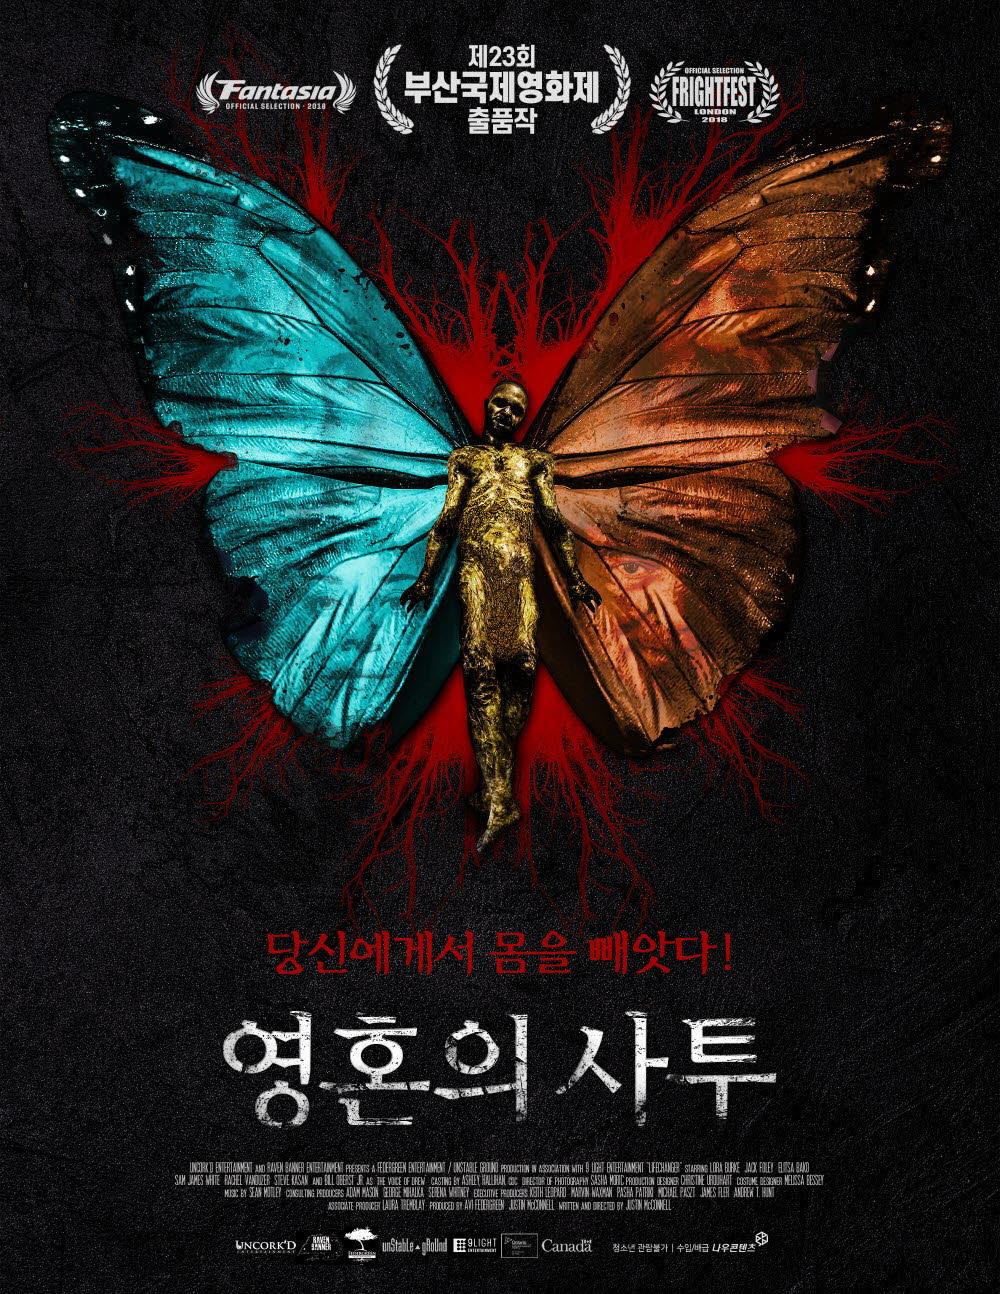 <영혼의 사투> 메인 포스터 공개!